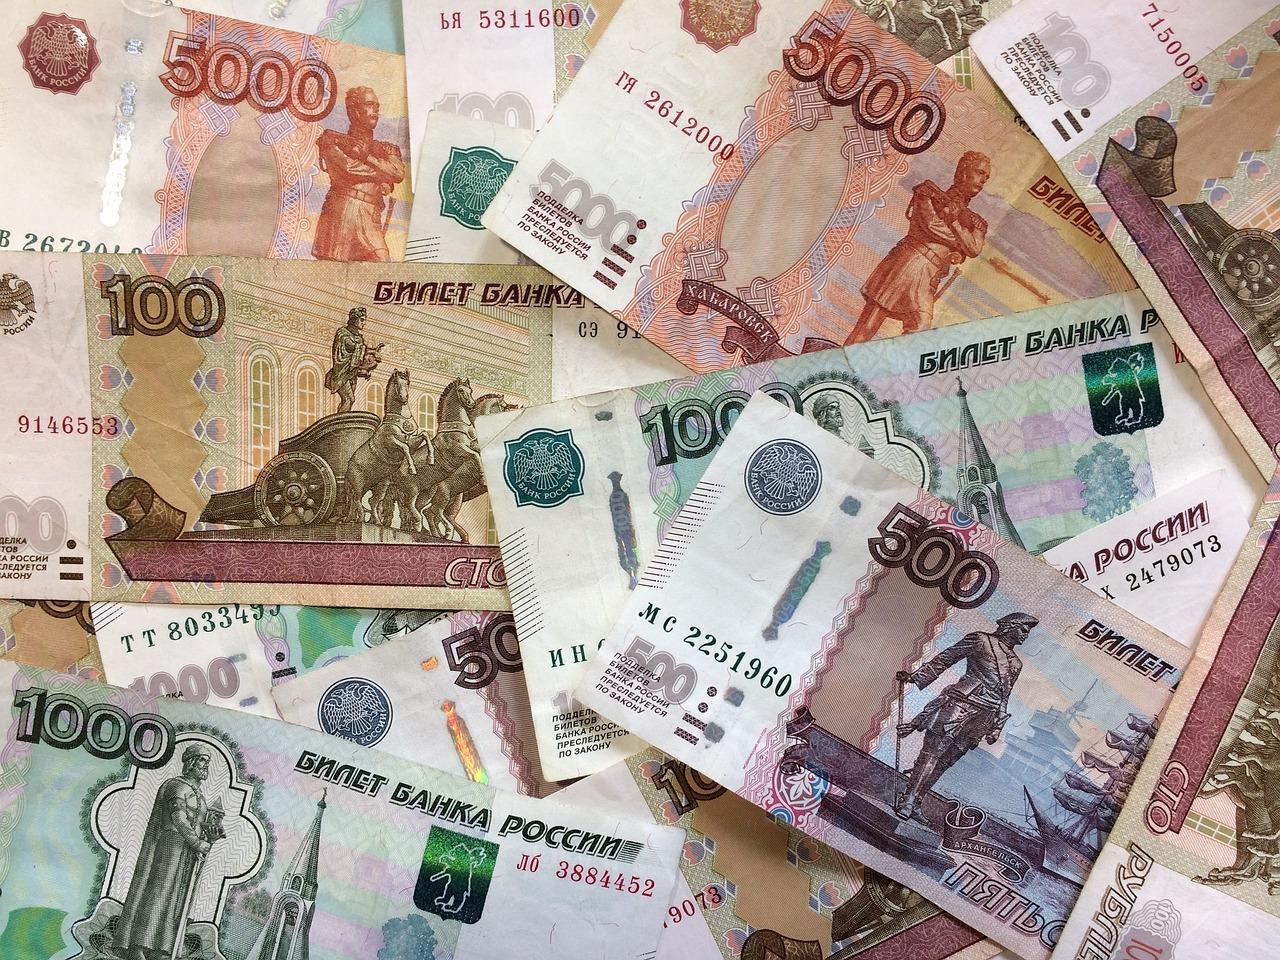 В 2020 году доходы городского бюджета могут увеличиться до 58 млрд рублей